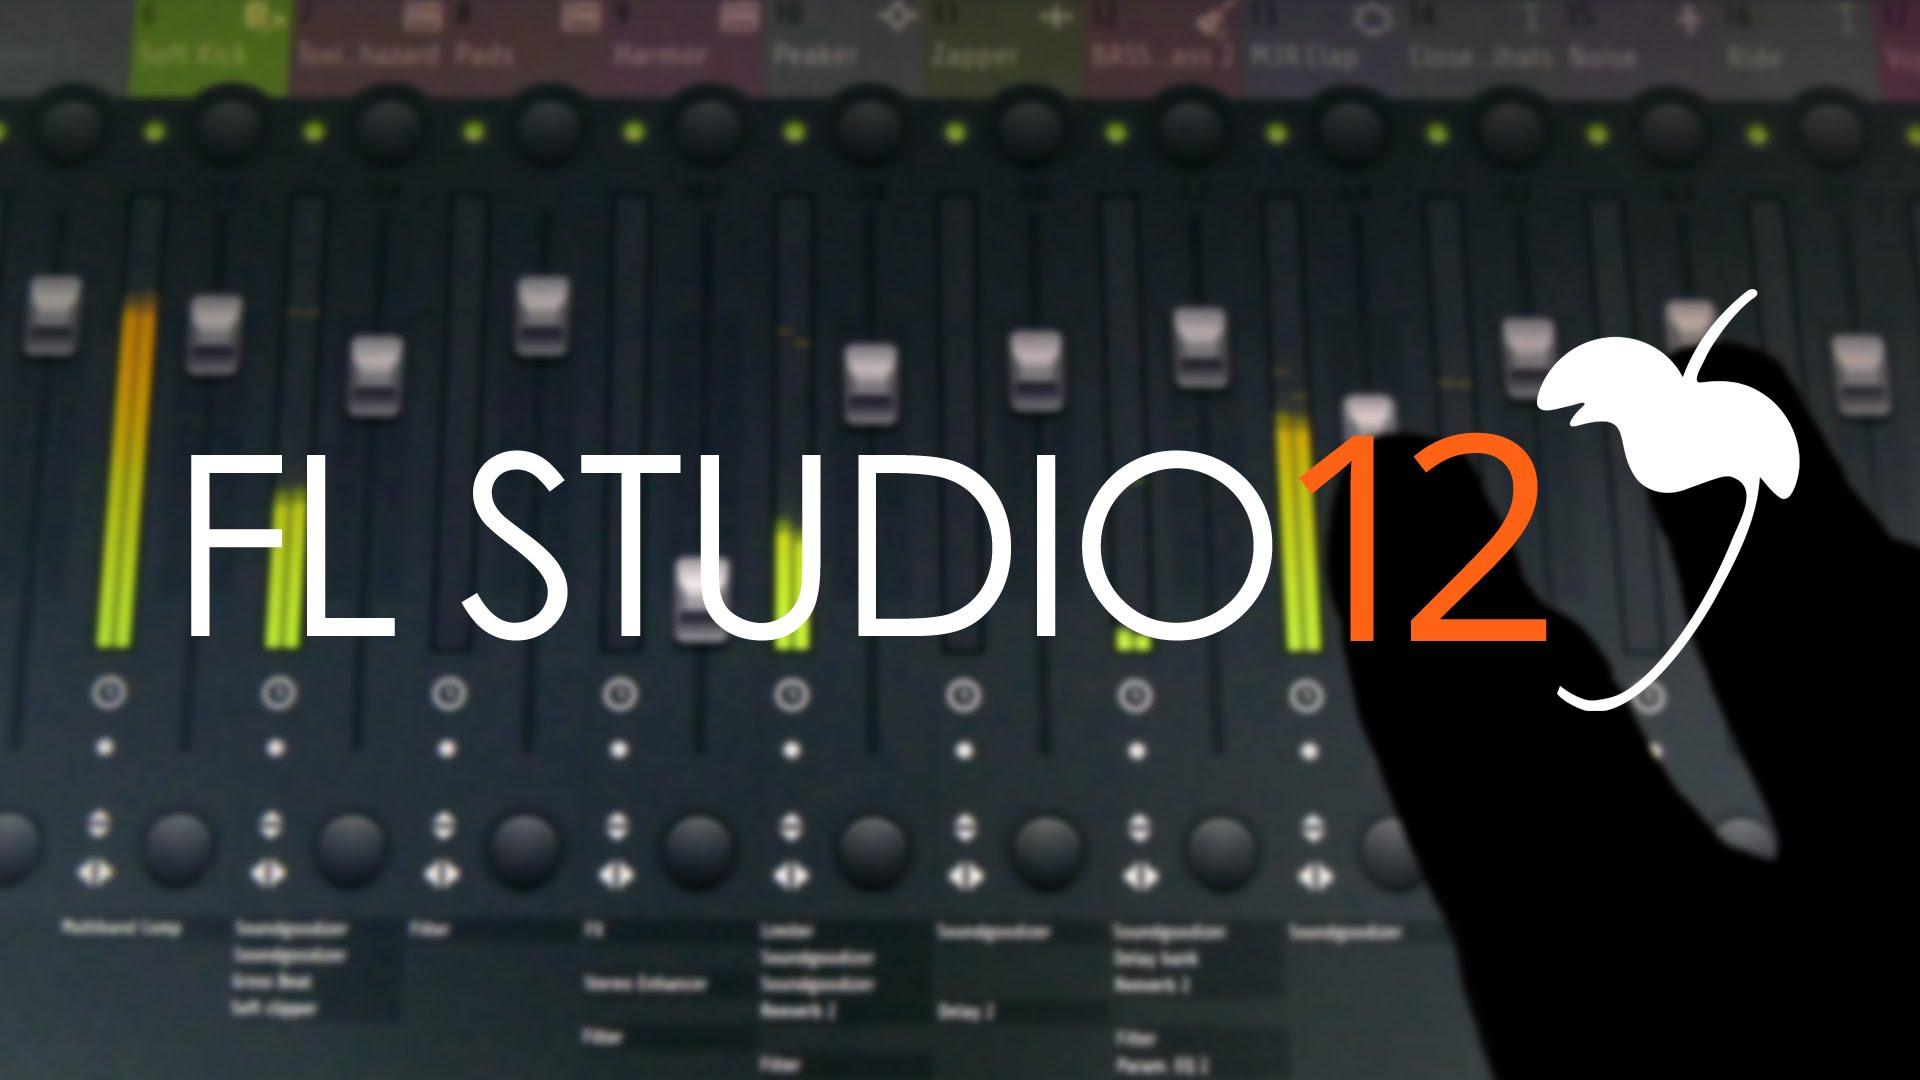 Крякнутый фл студио 12